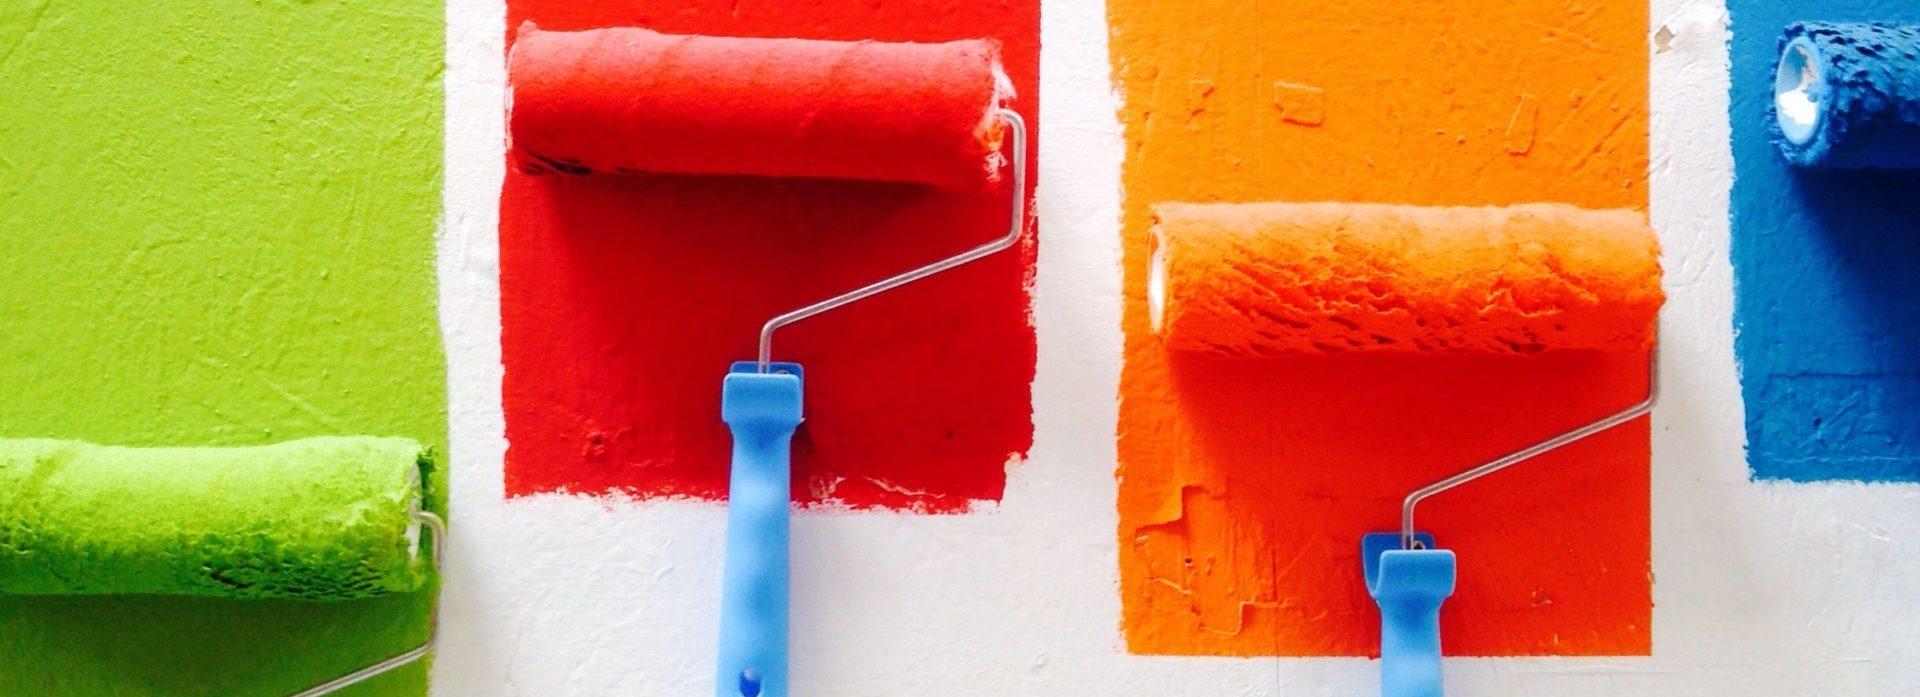 Personalización de colores para carpas